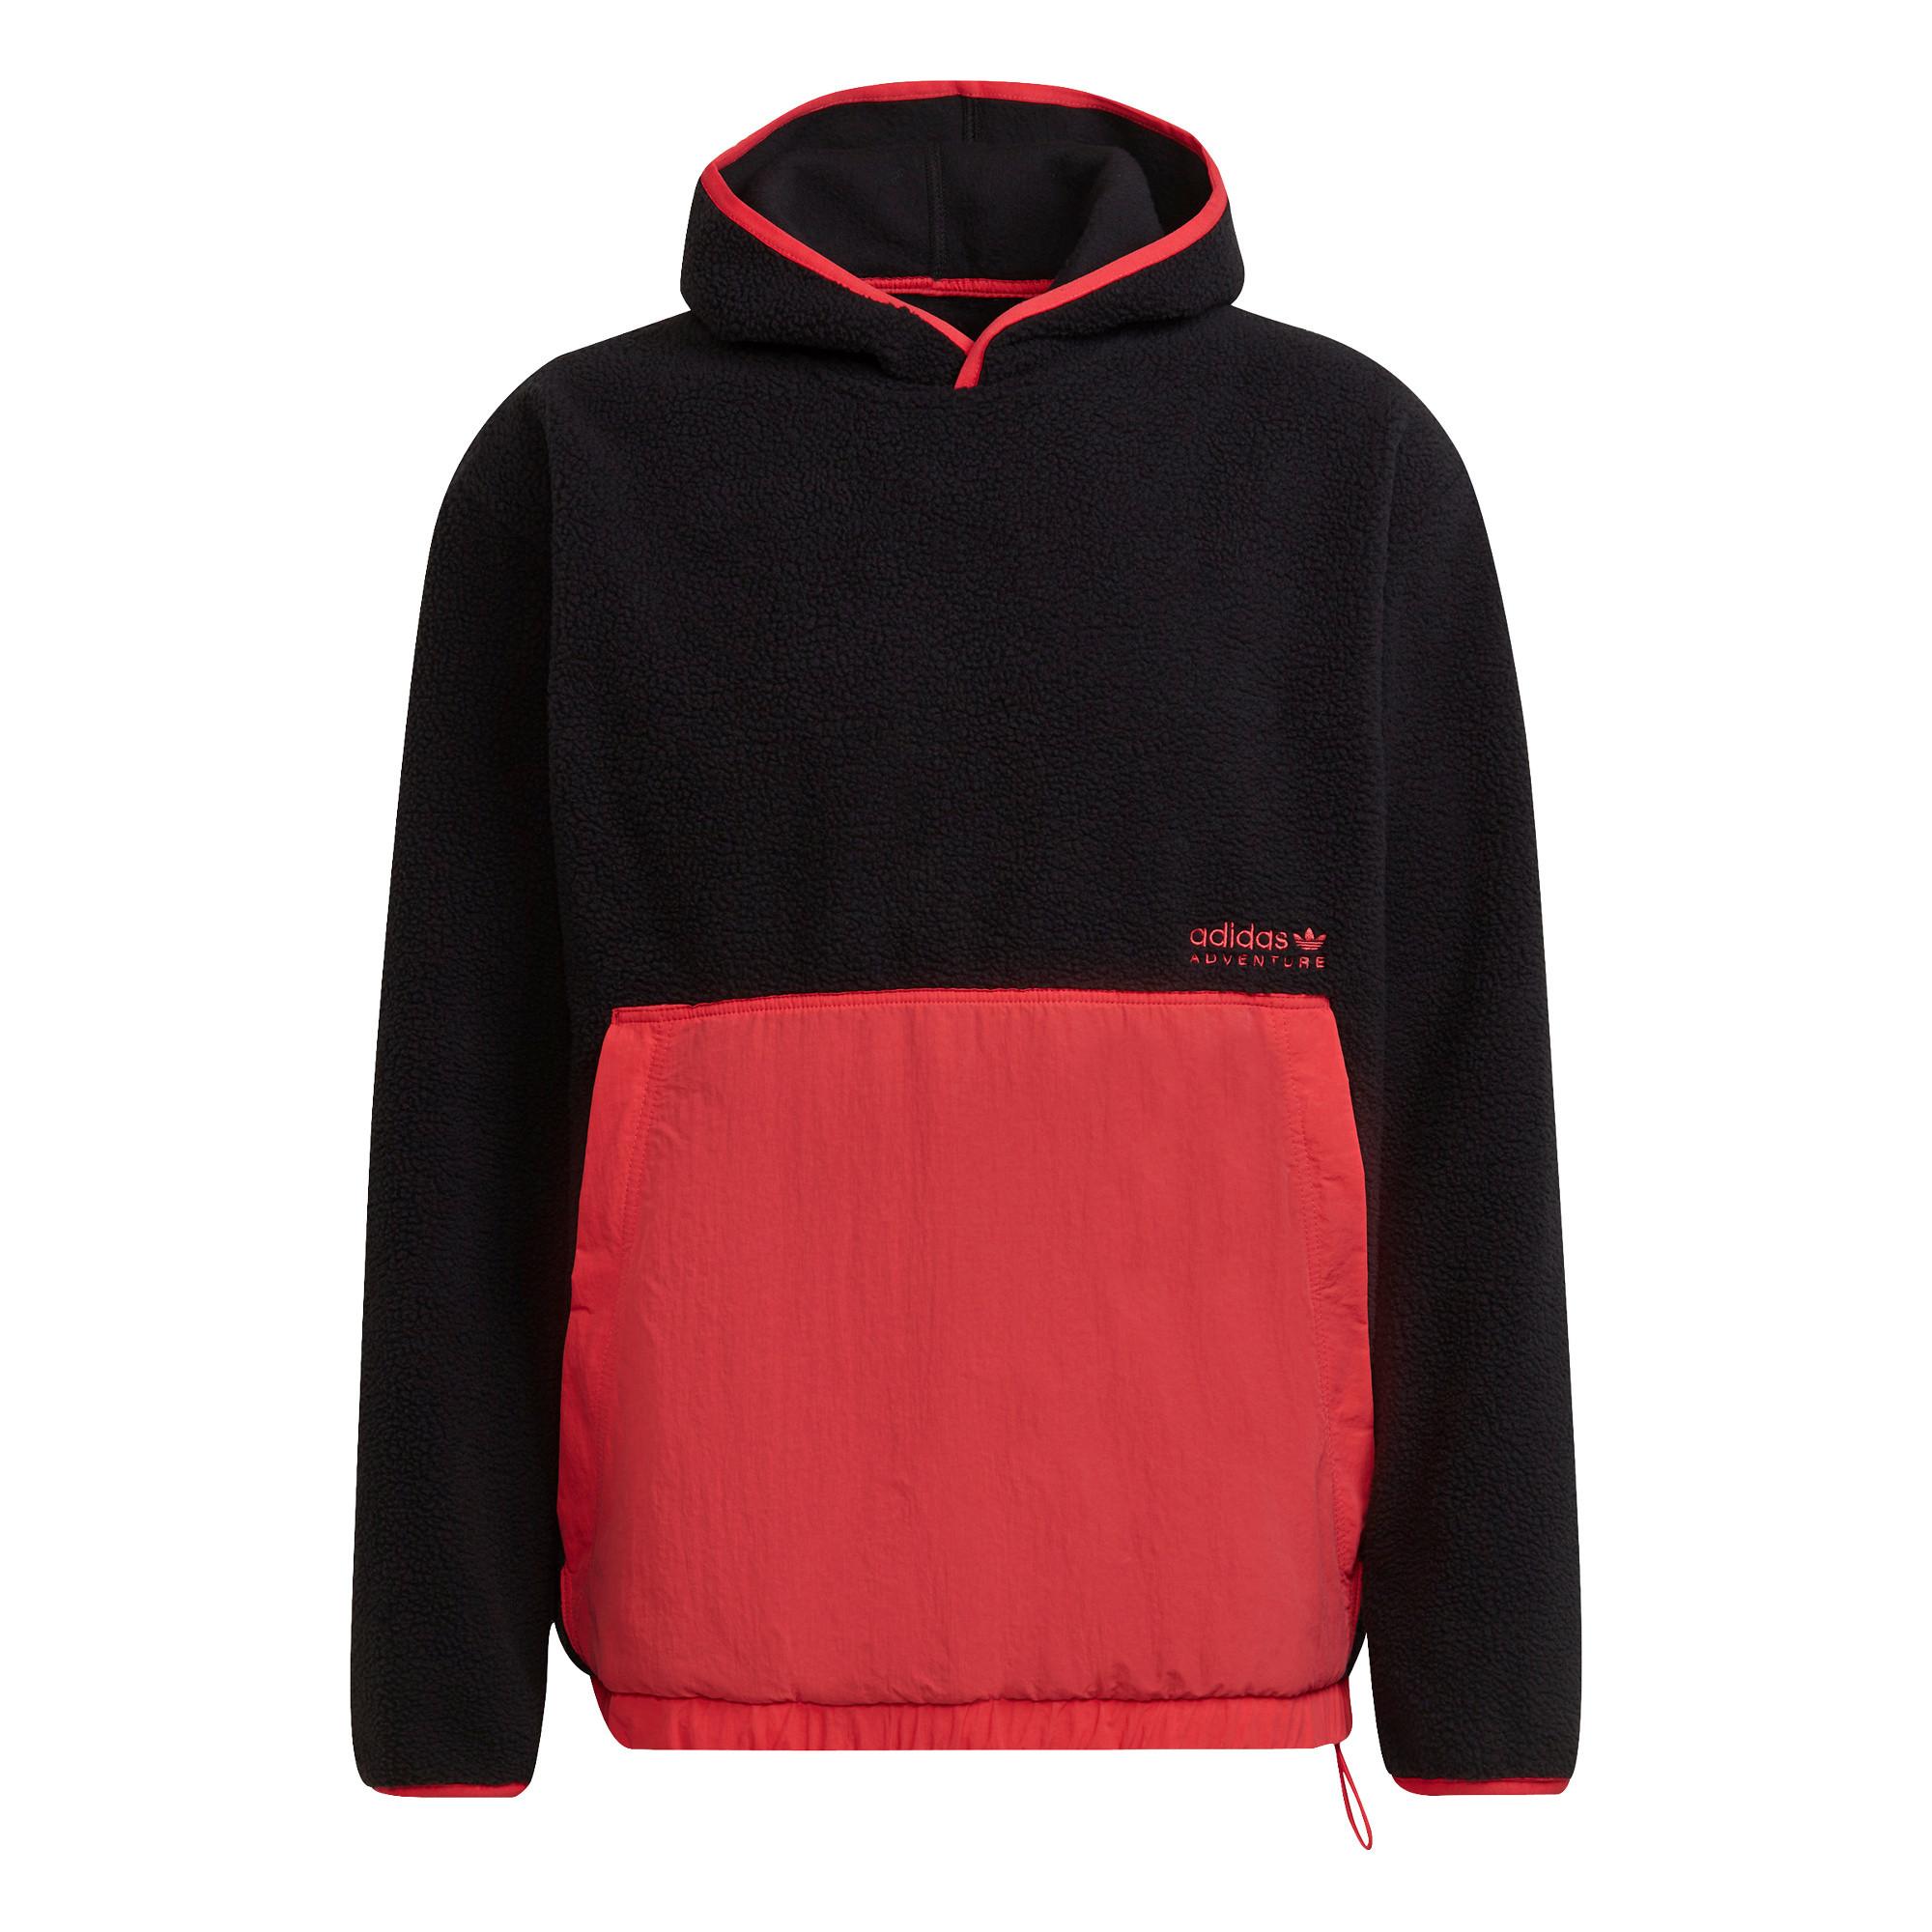 Felpa con cappuccio adidas Adventure Polar Fleece, Nero, large image number 0